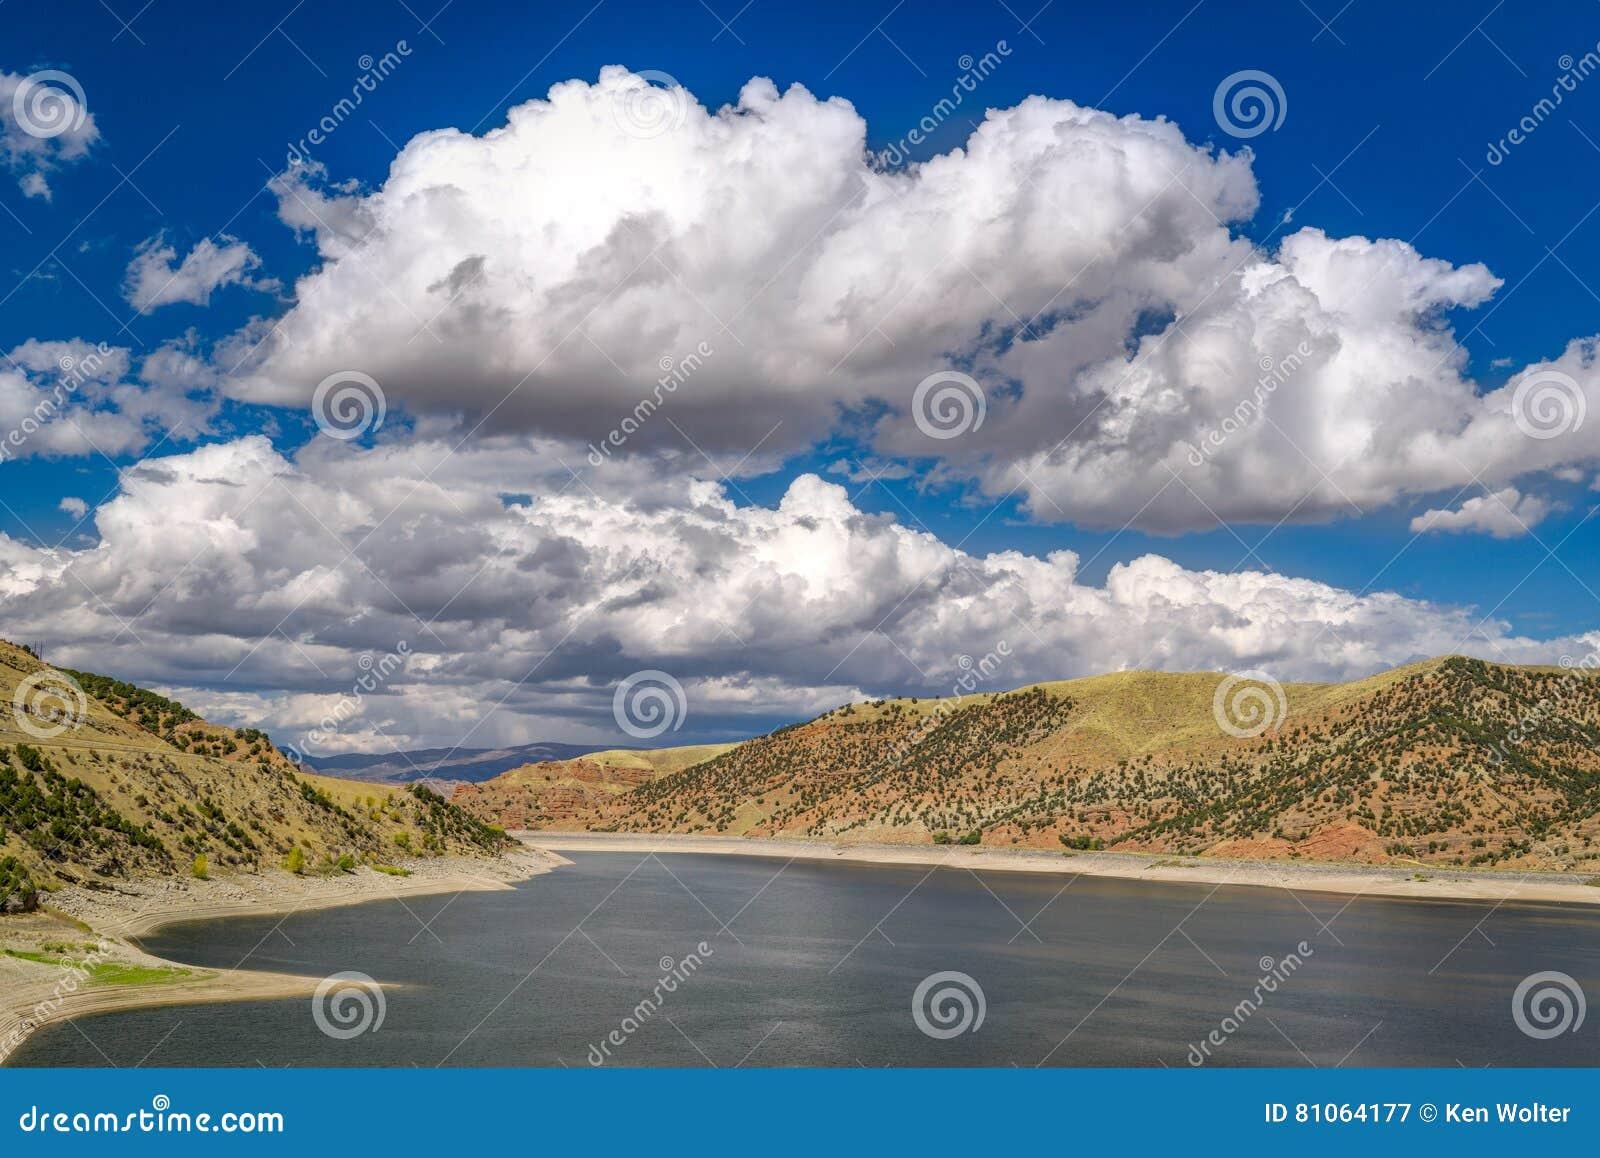 Jordanelle rezerwuar w Utah, Stany Zjednoczone